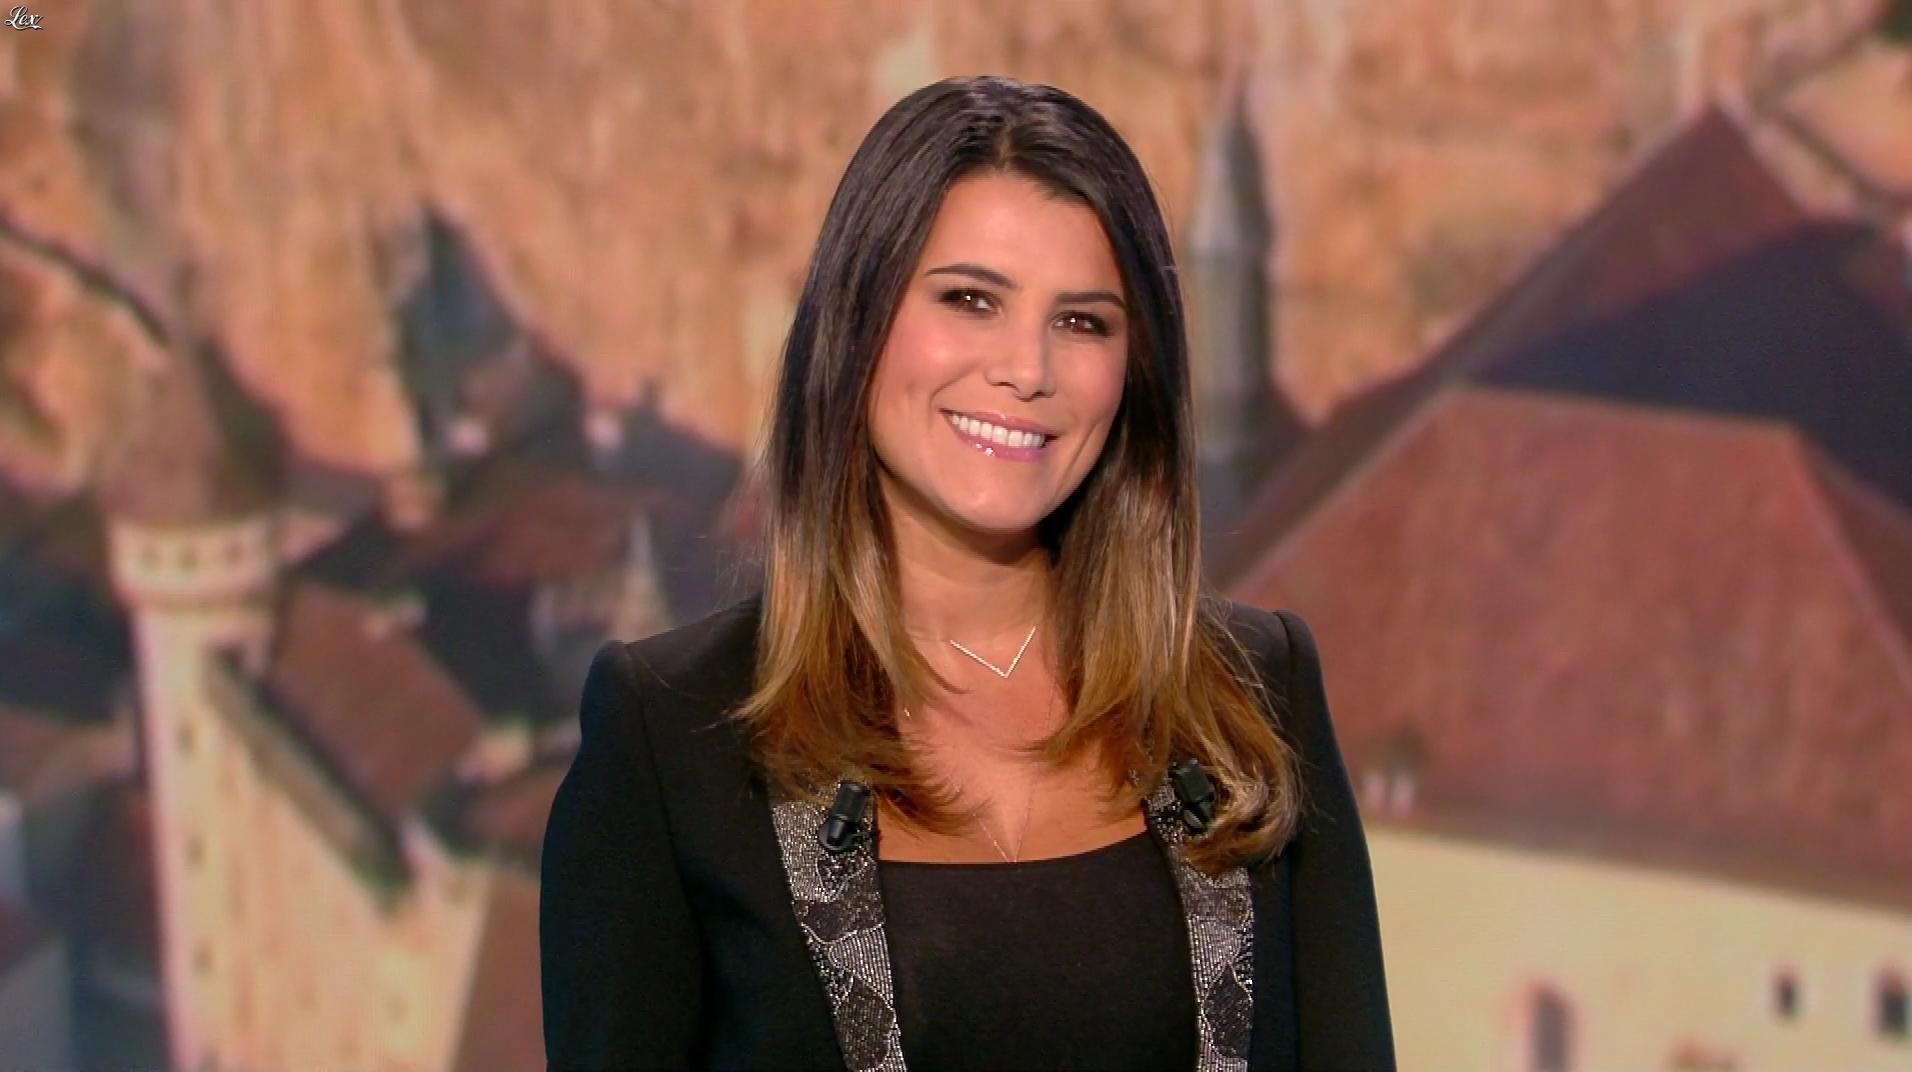 Karine Ferri lors du Tirage du Loto. Diffusé à la télévision le 24/10/18.